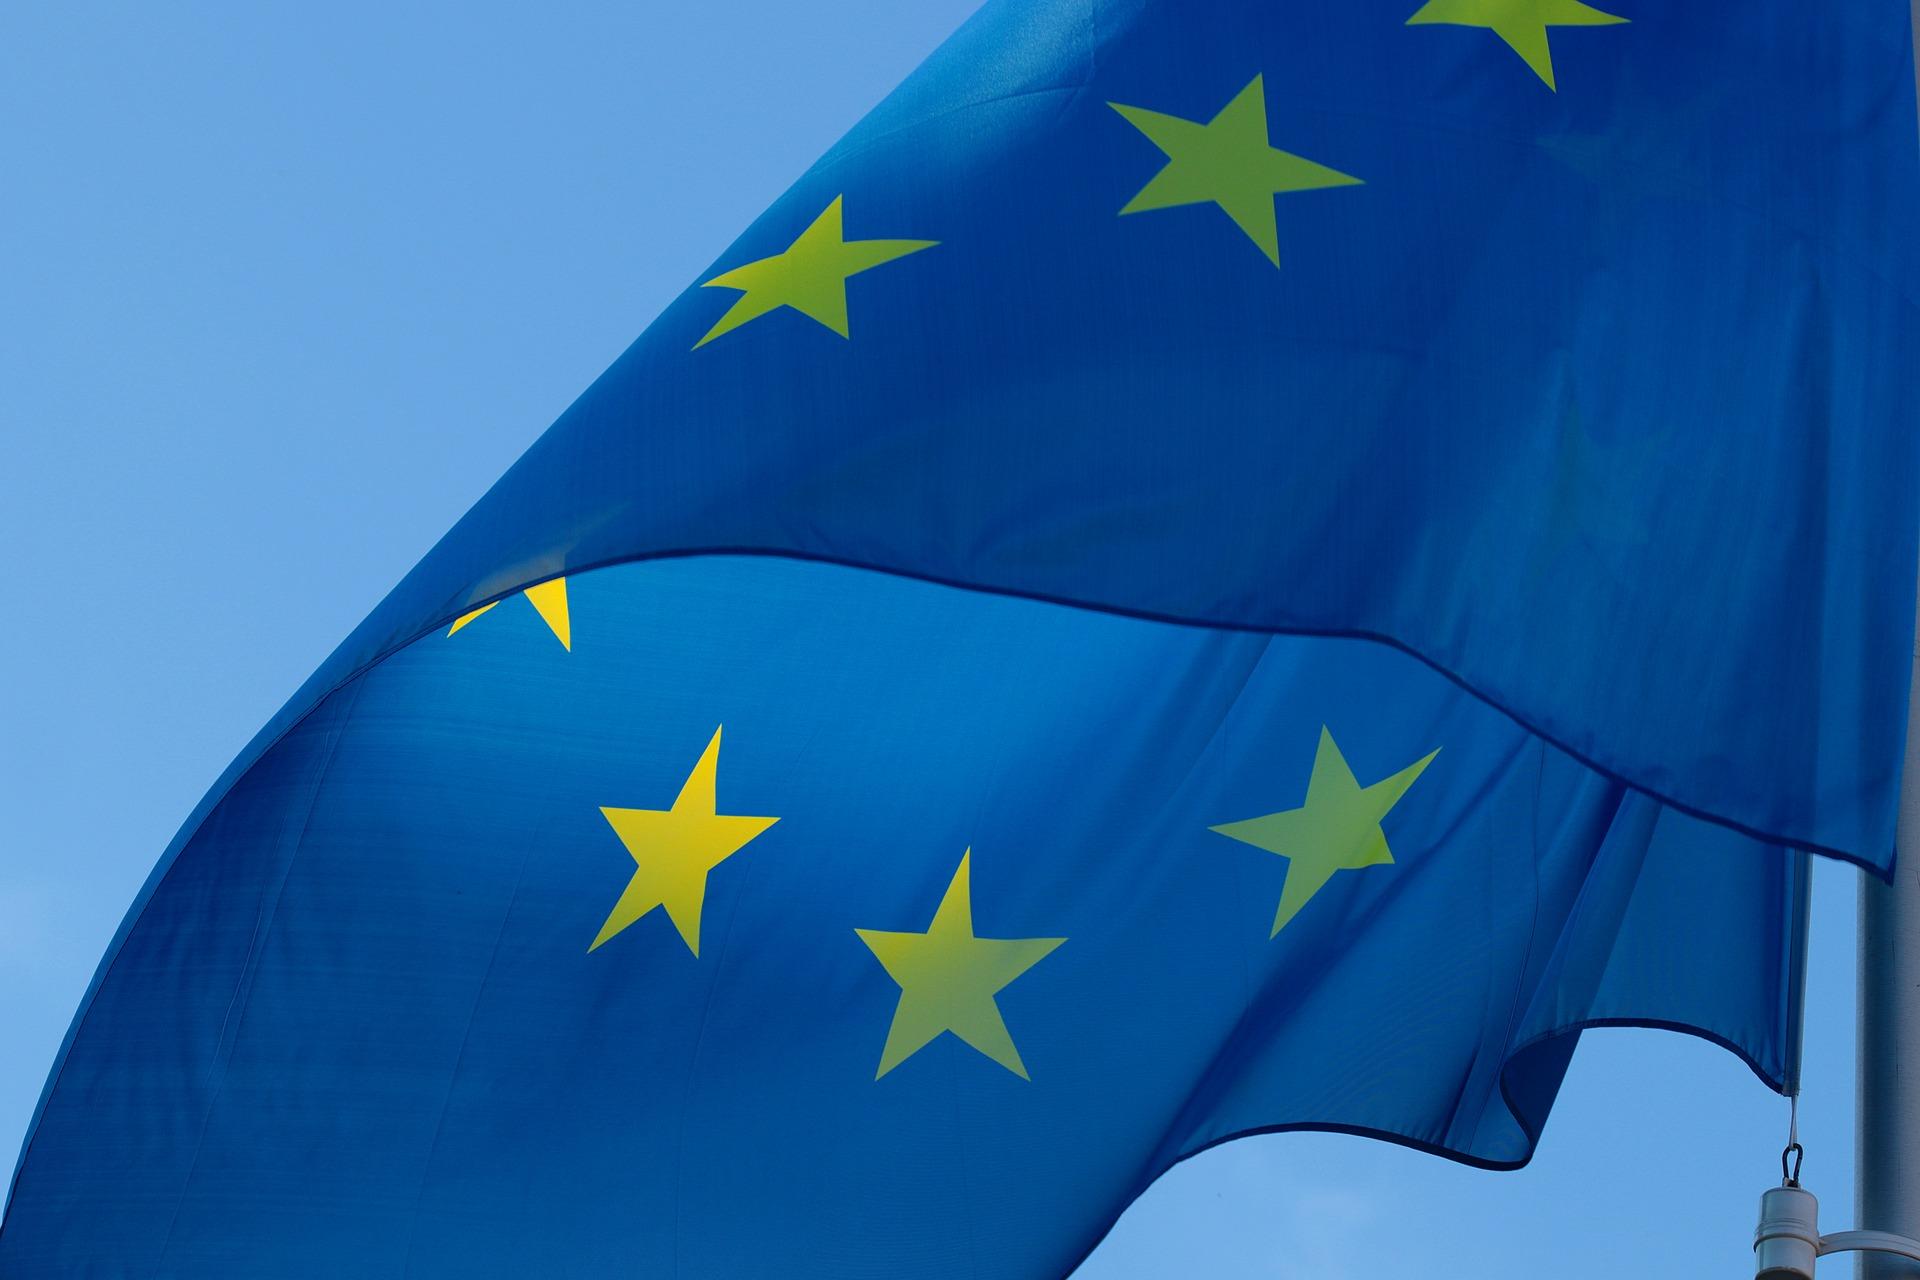 Ispunjavanje političkih kriterijuma EU mora biti prioritet